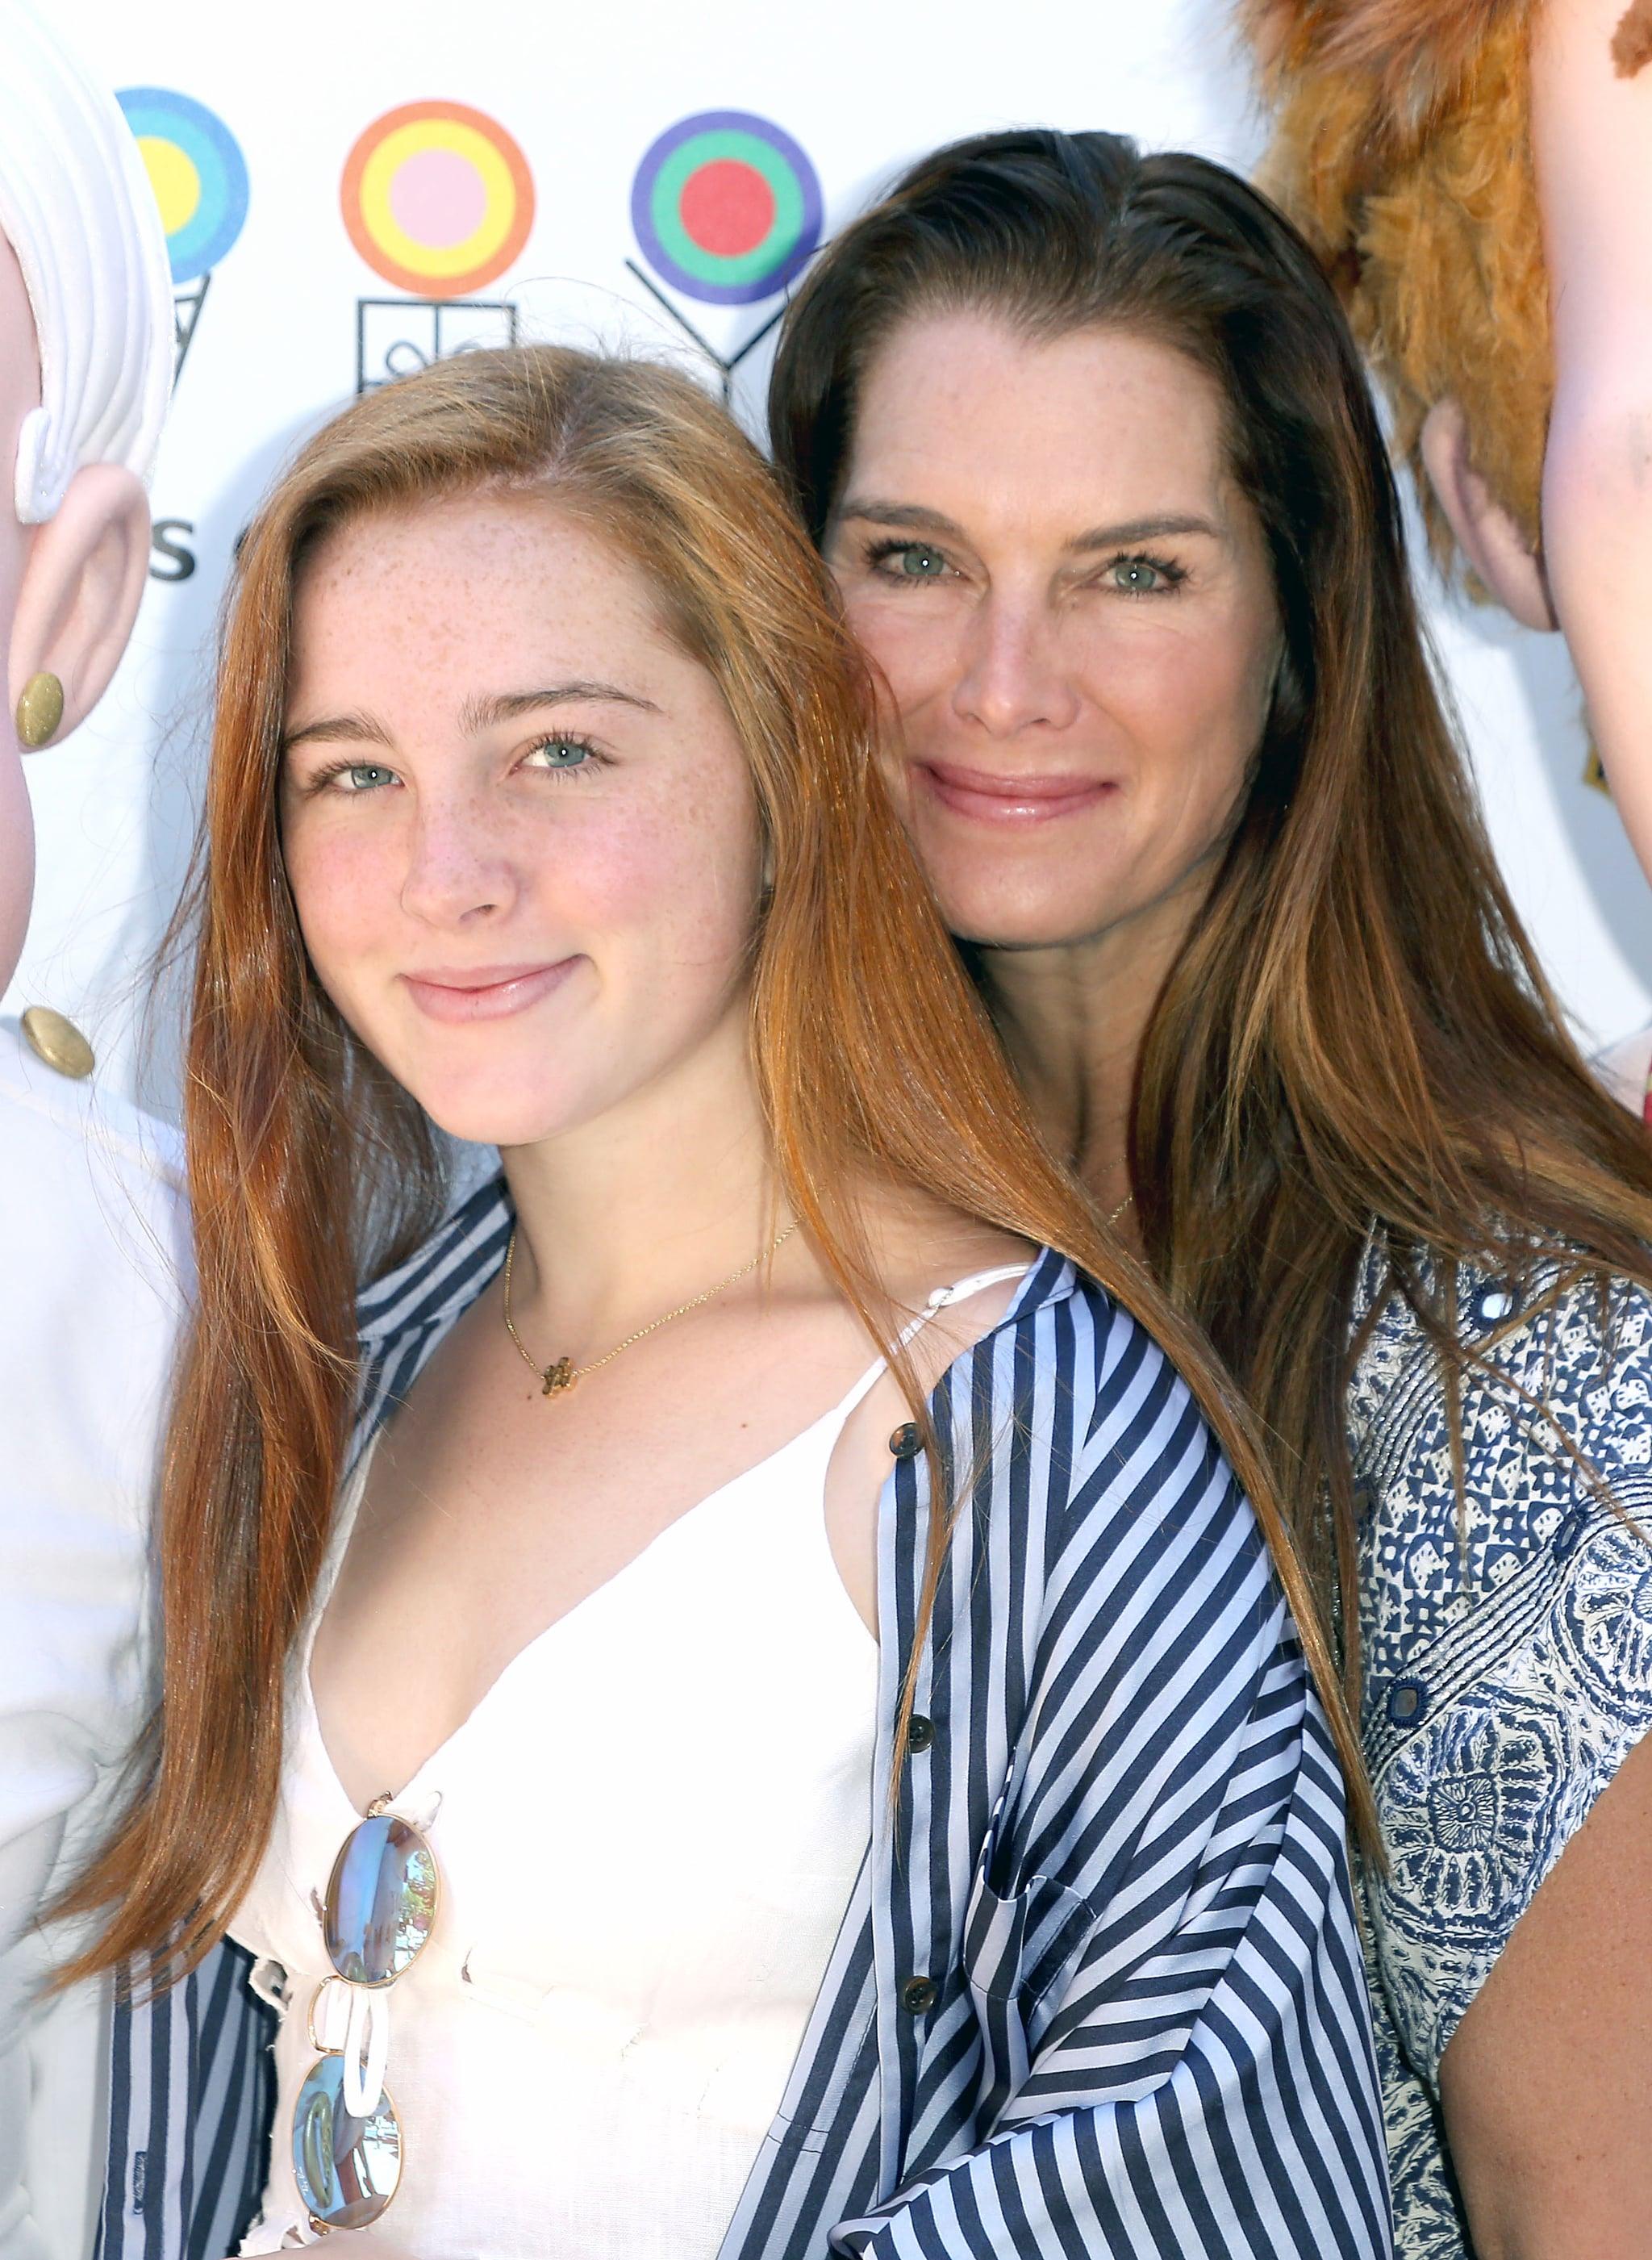 EAST HAMPTON, NY - JULY 08:  Rowan Henchy and Brooke Shields attend the